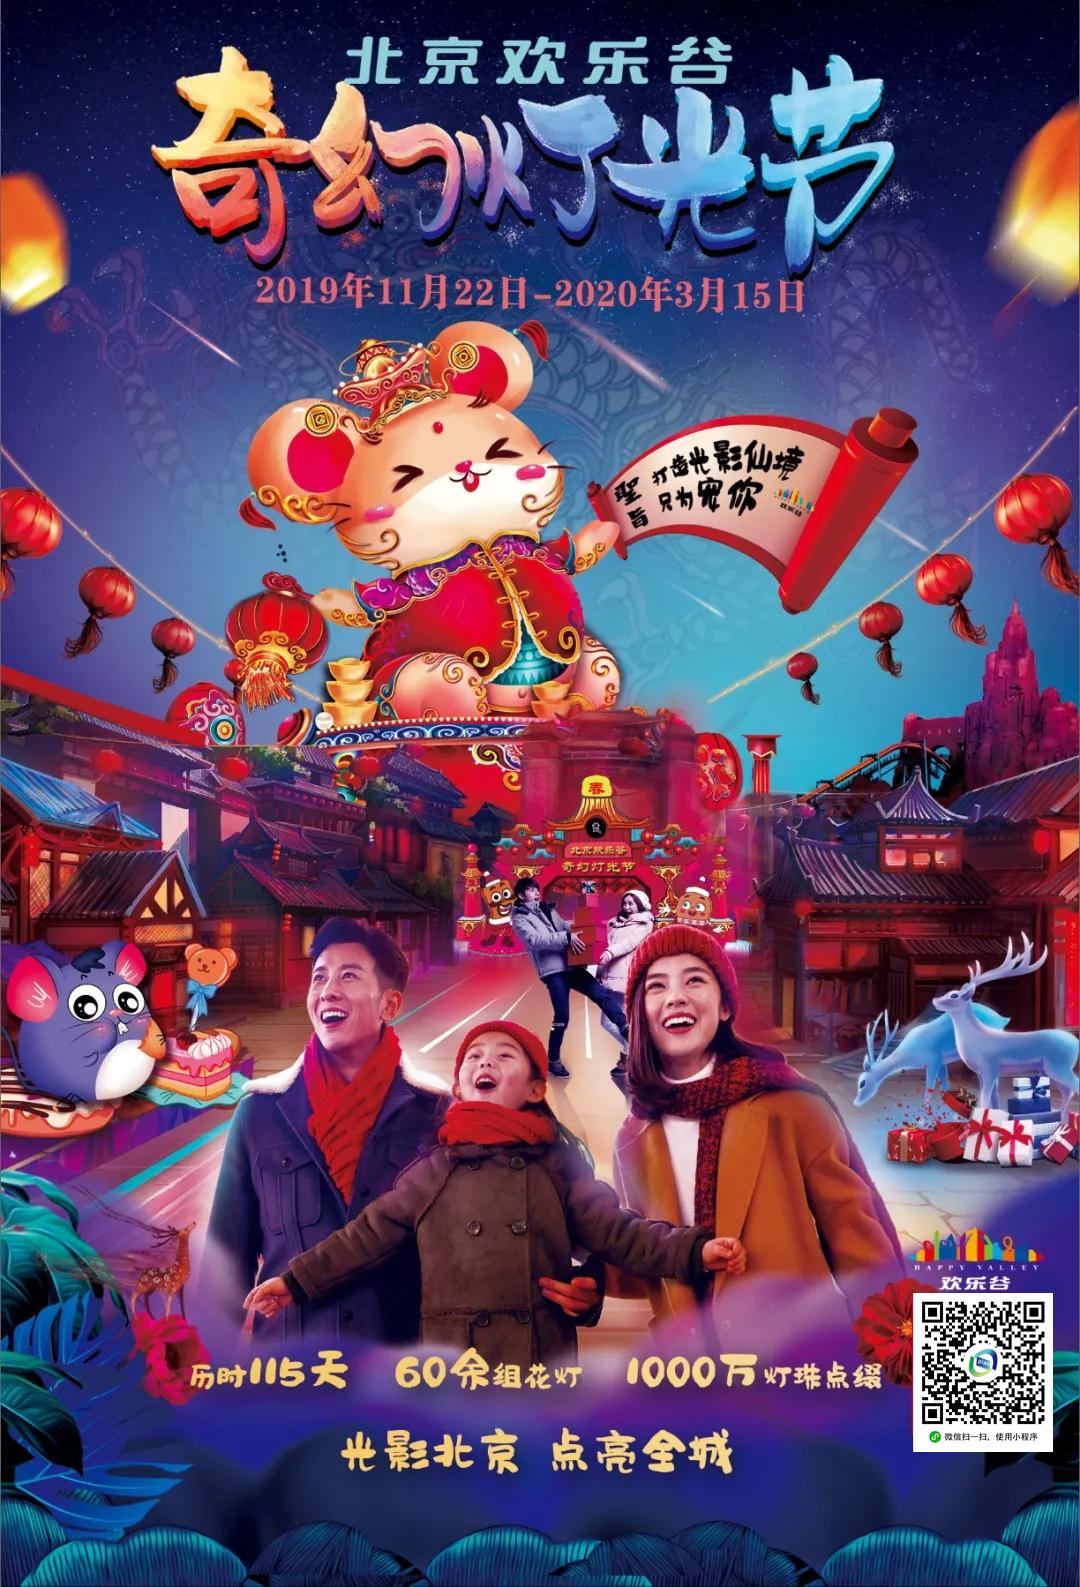 2019北京欢乐谷奇幻灯光节活动时间、地点、门票及游玩攻略